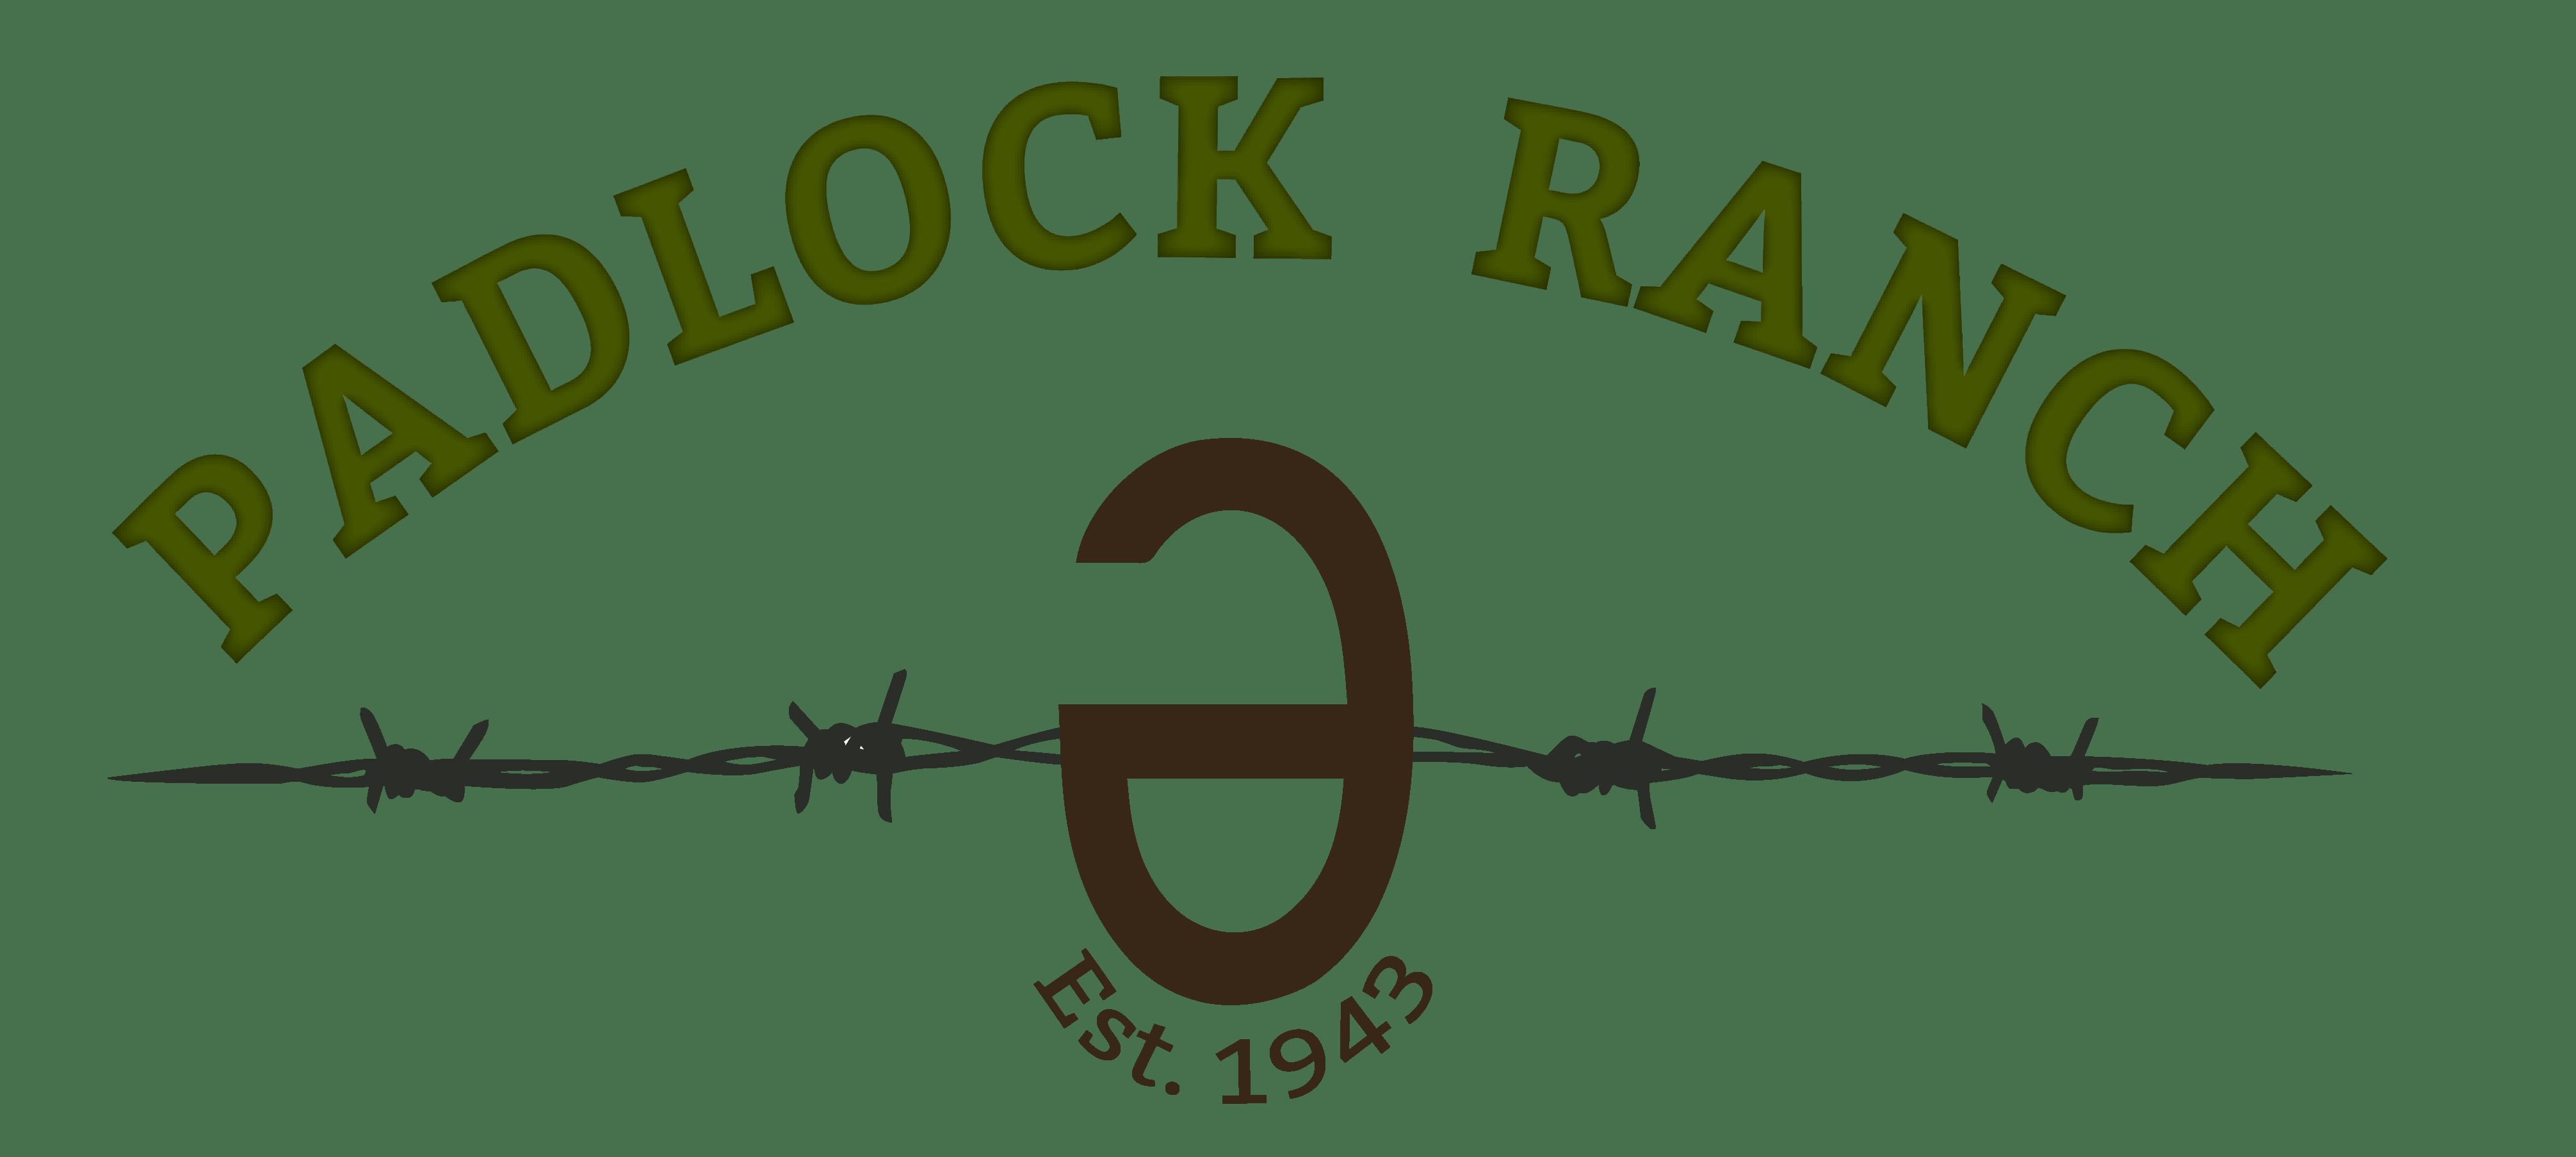 Padlock Ranch Company